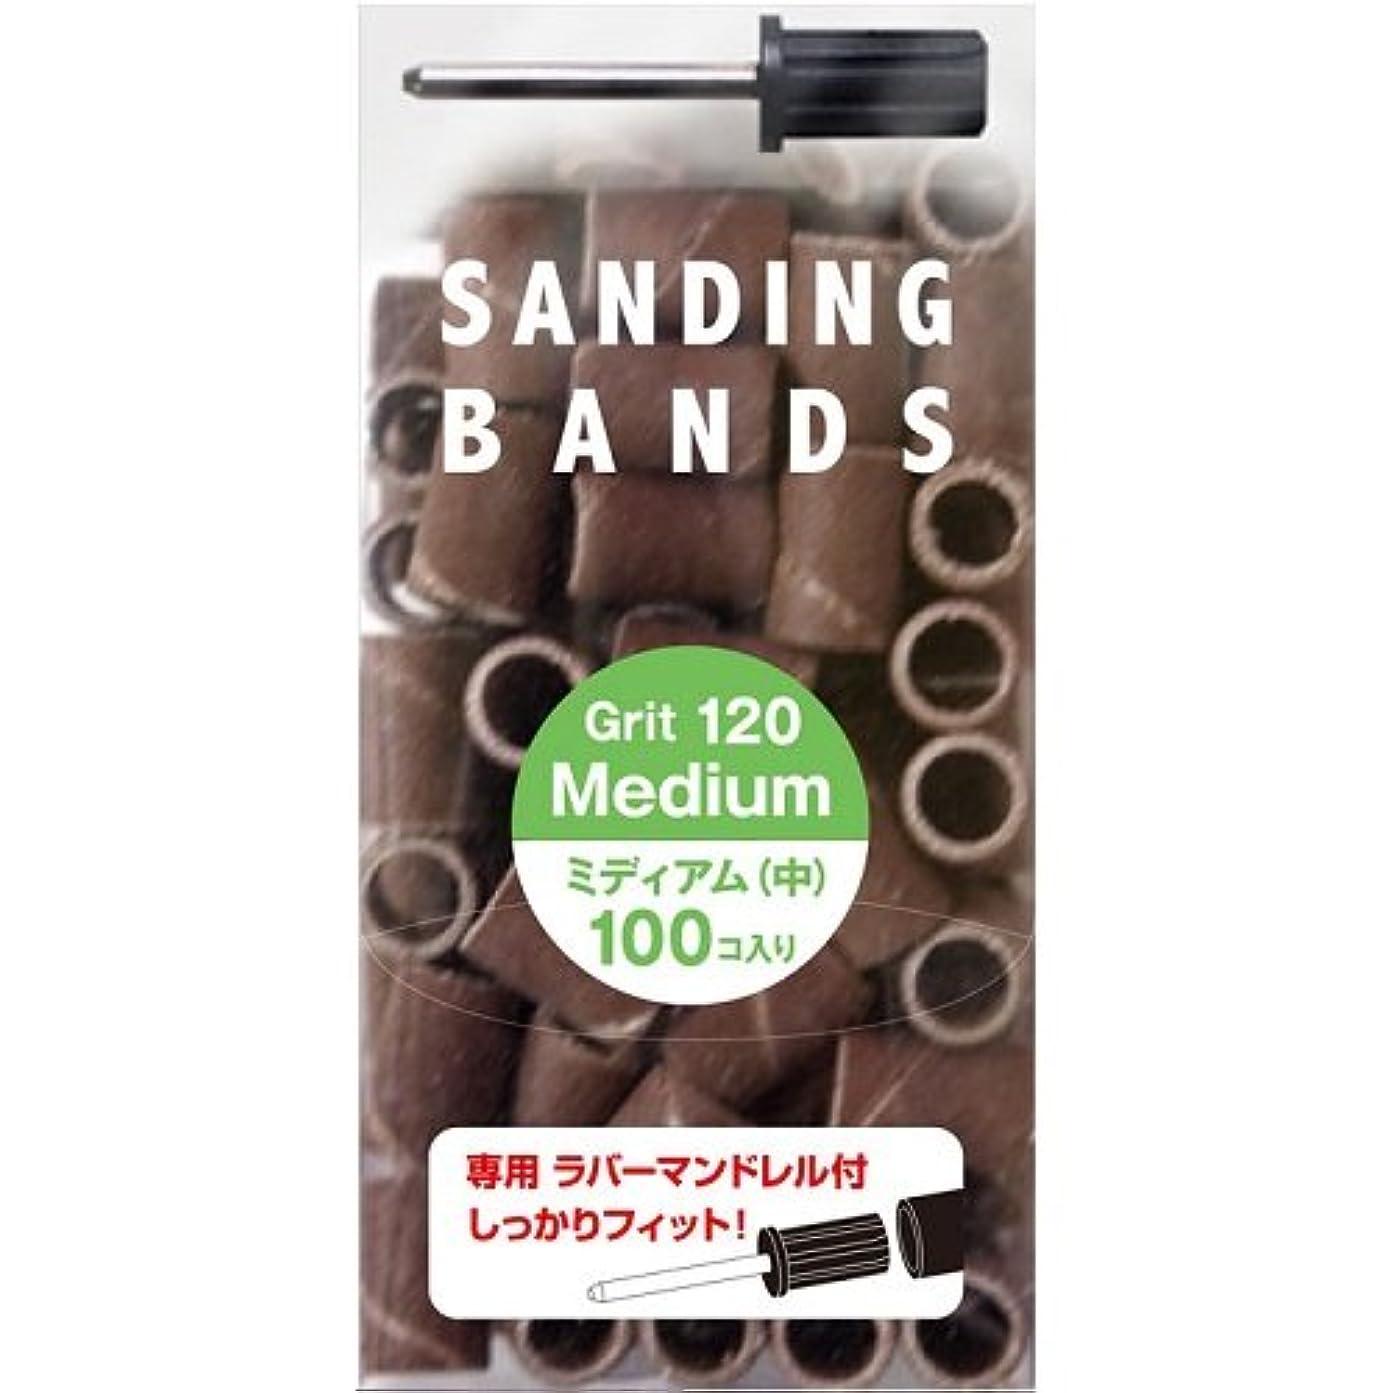 カスタム卵ピクニックをするサンディングバンド(SB-120)